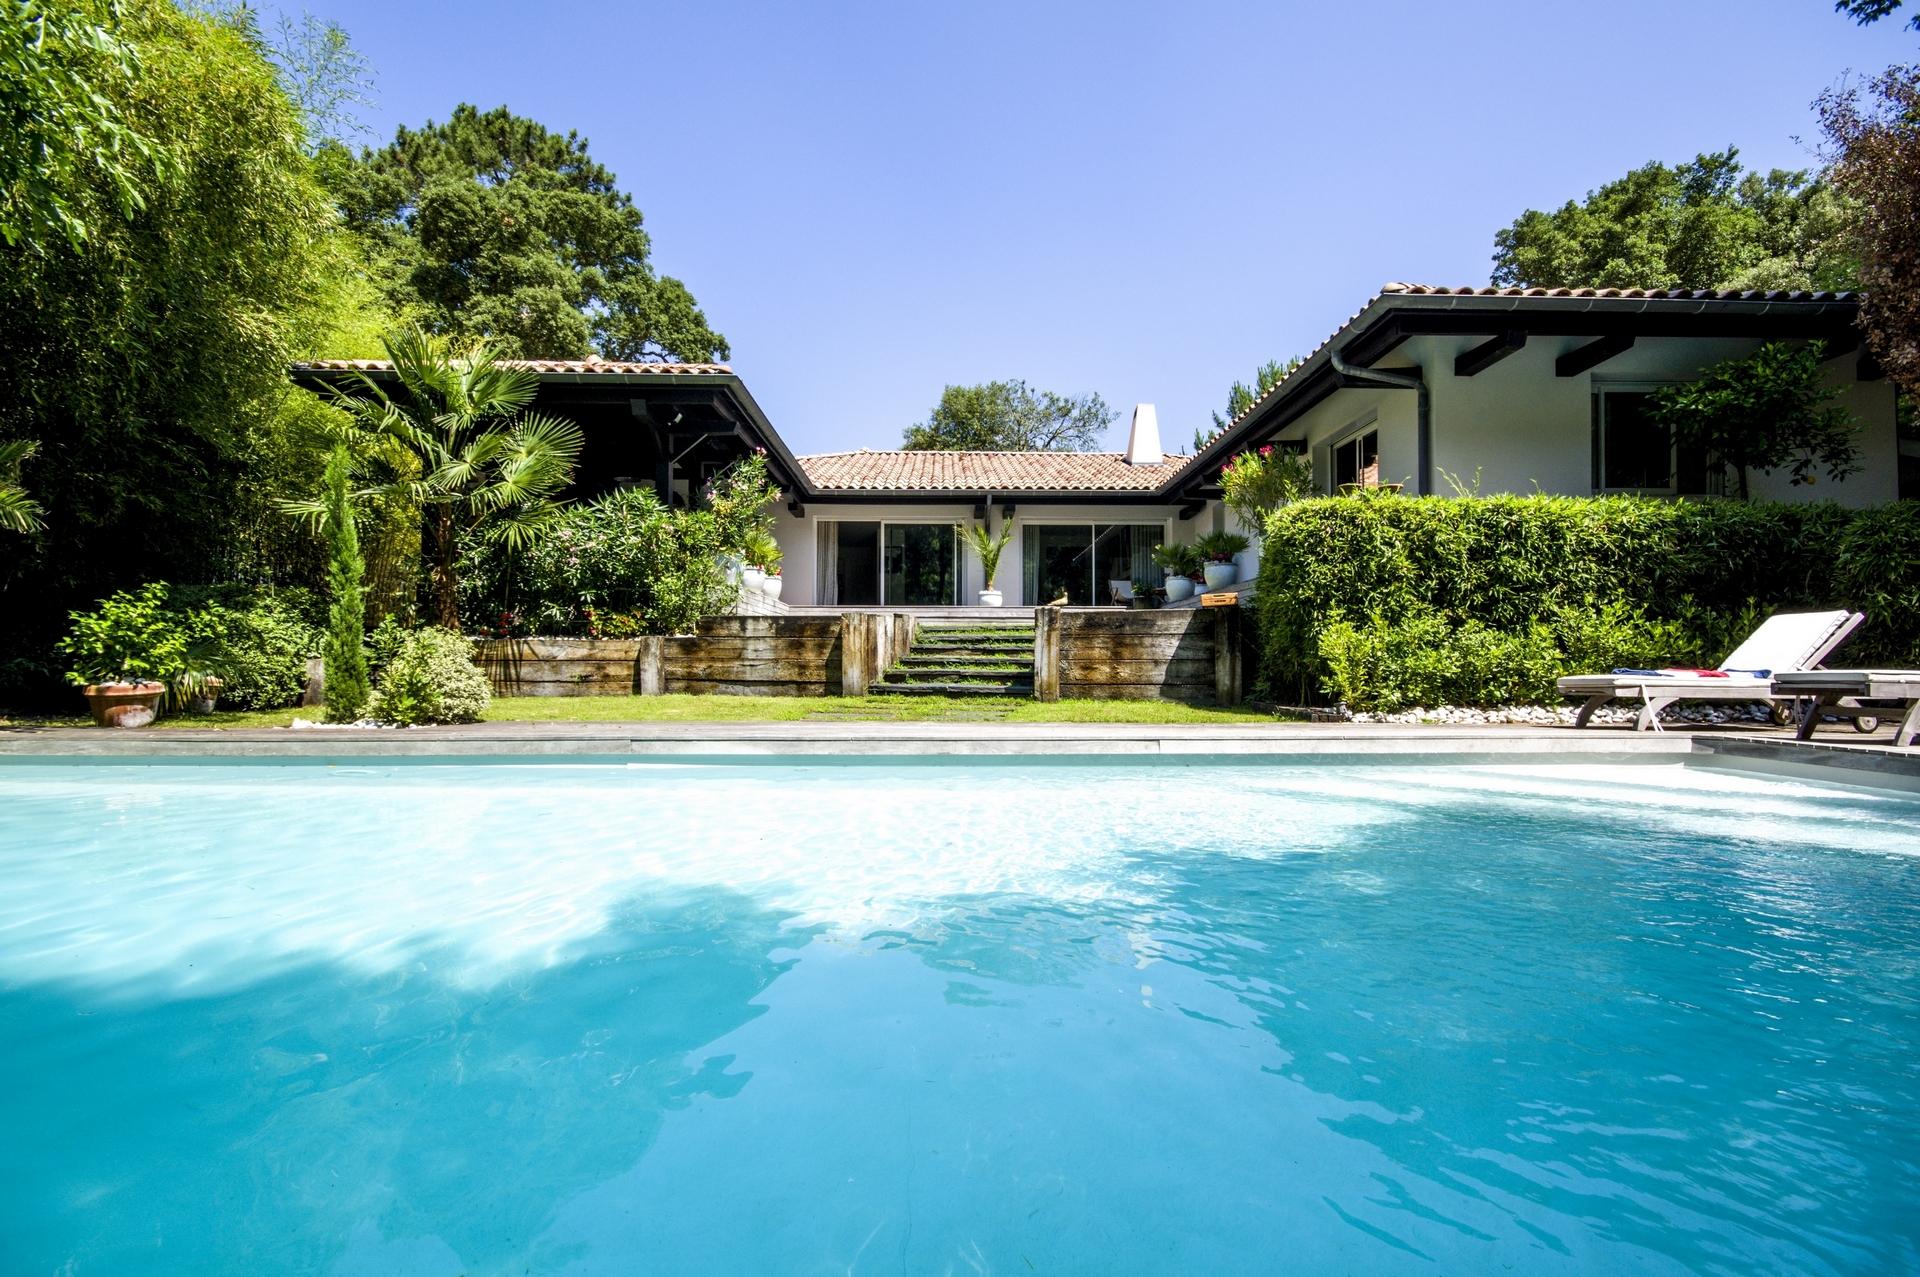 Achat pyla sur mer proche moulleau superbe villa avec for Achat piscine